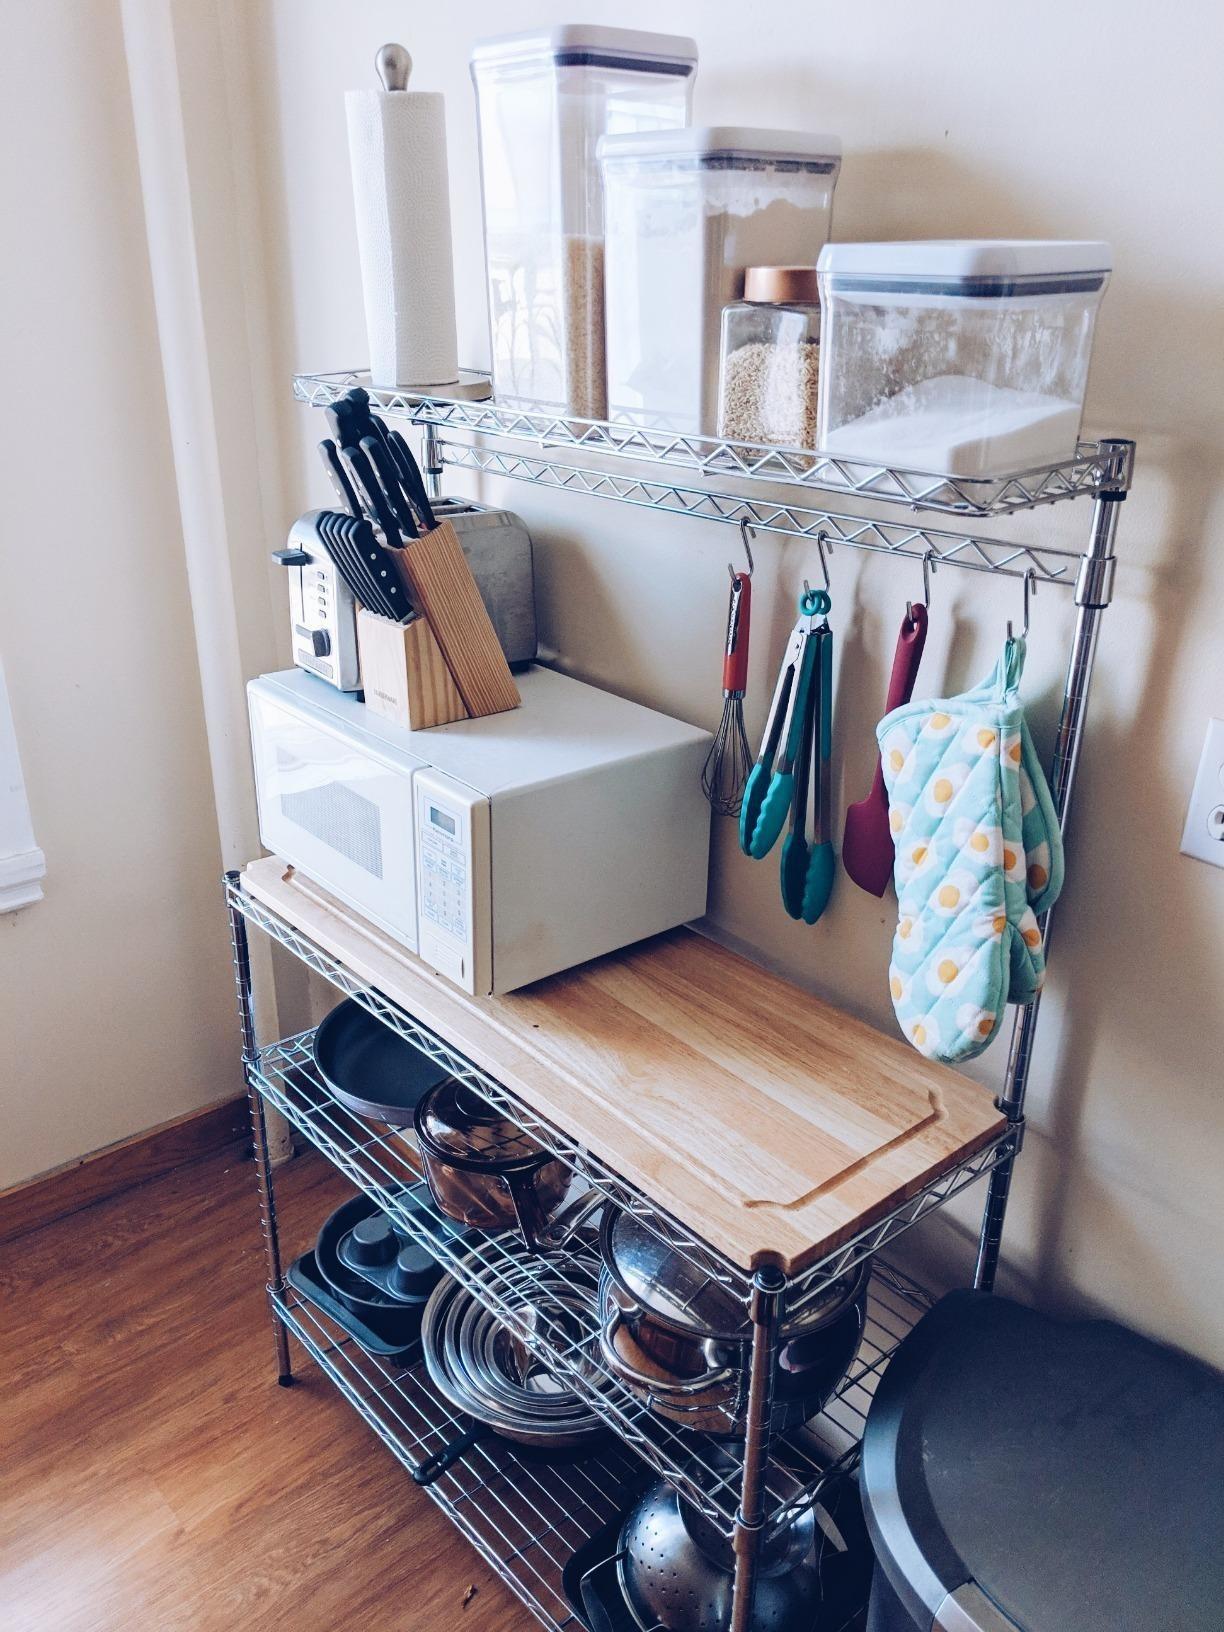 11 món đồ lưu trữ hoàn hảo cho căn hộ nhỏ hẹp, chắc chắn bạn sẽ hối hận khi không mua chúng sớm hơn - Ảnh 4.